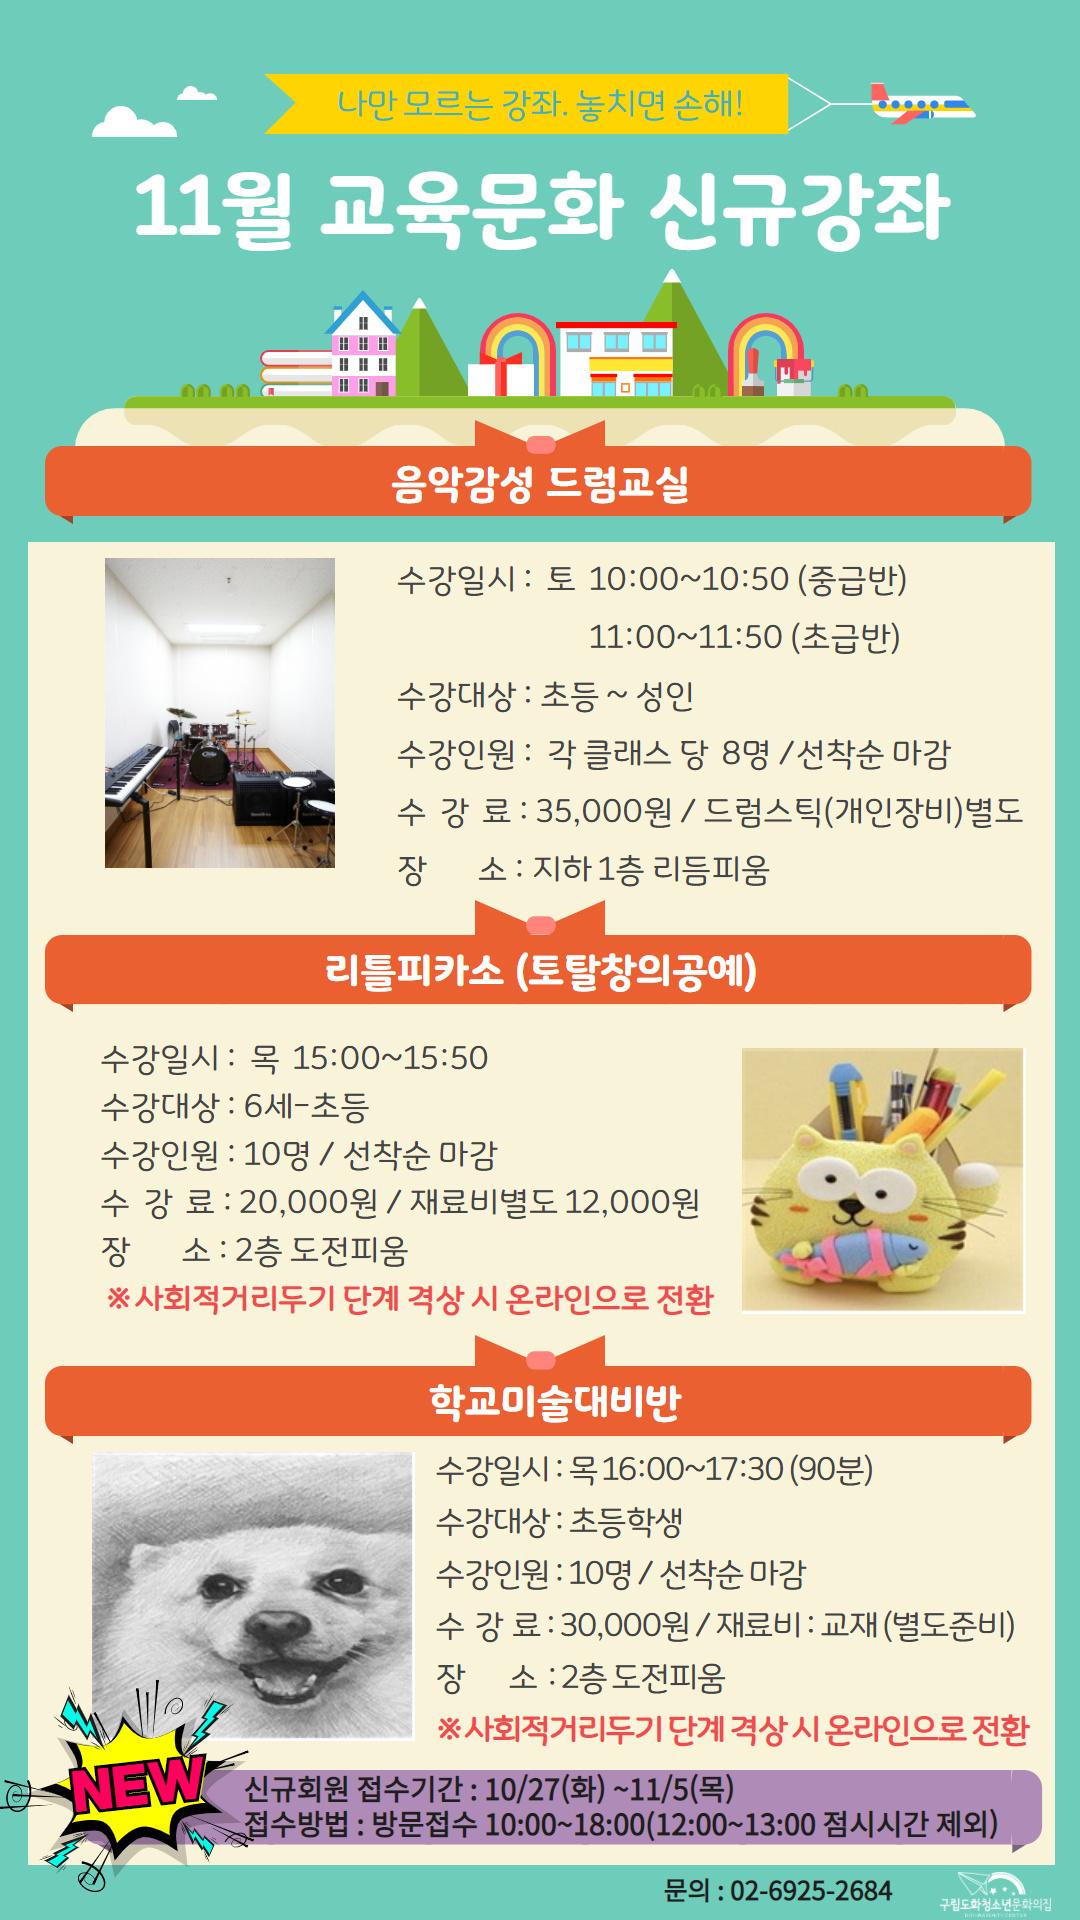 11월 교육문화강좌 안내(드럼 미술) (1).jpg